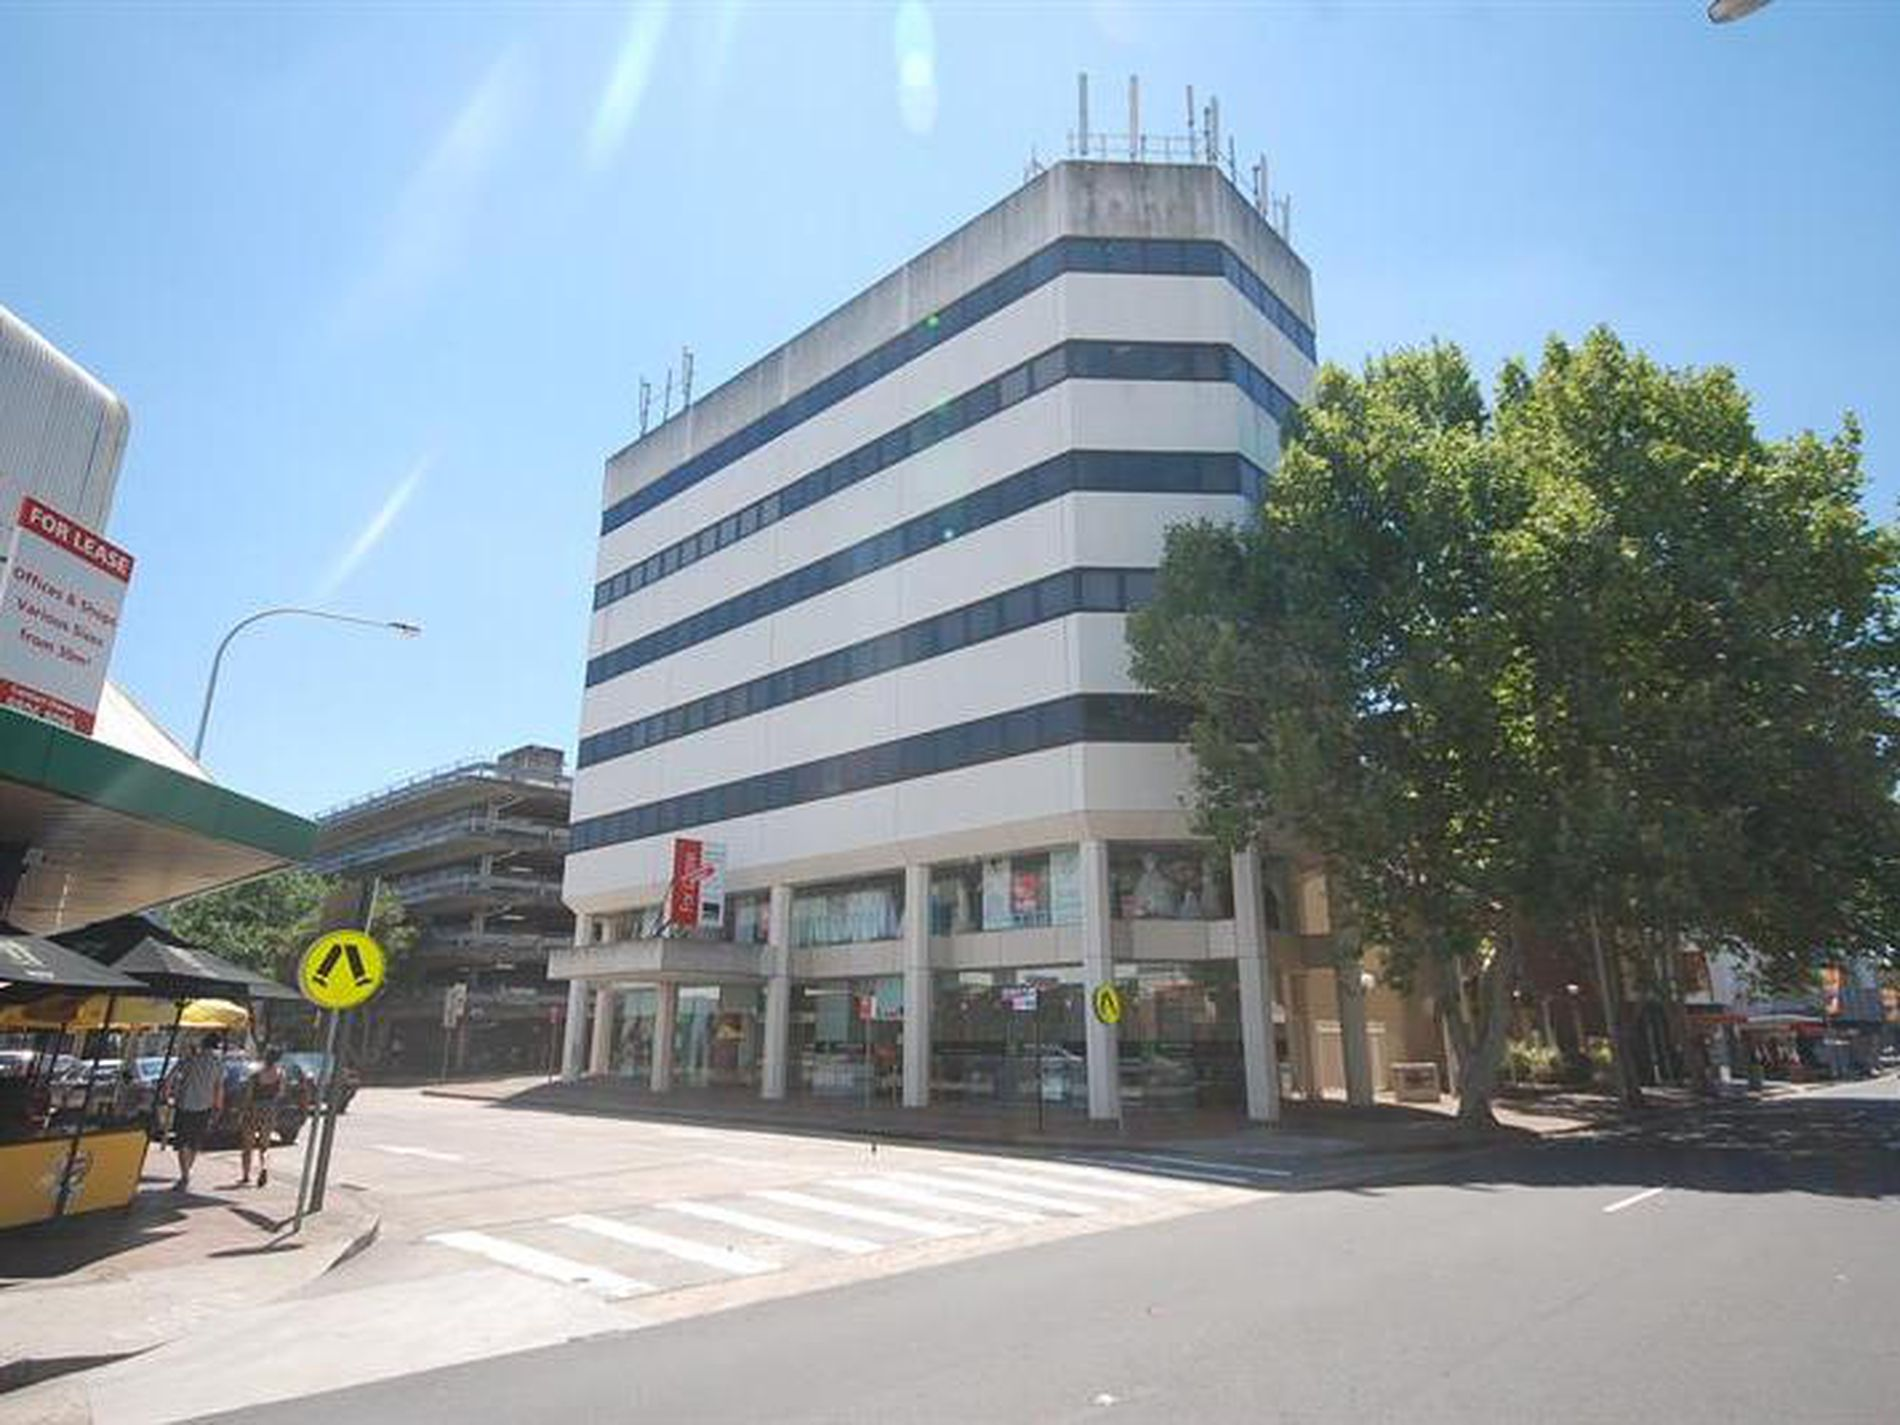 60 Macquarie St, Parramatta